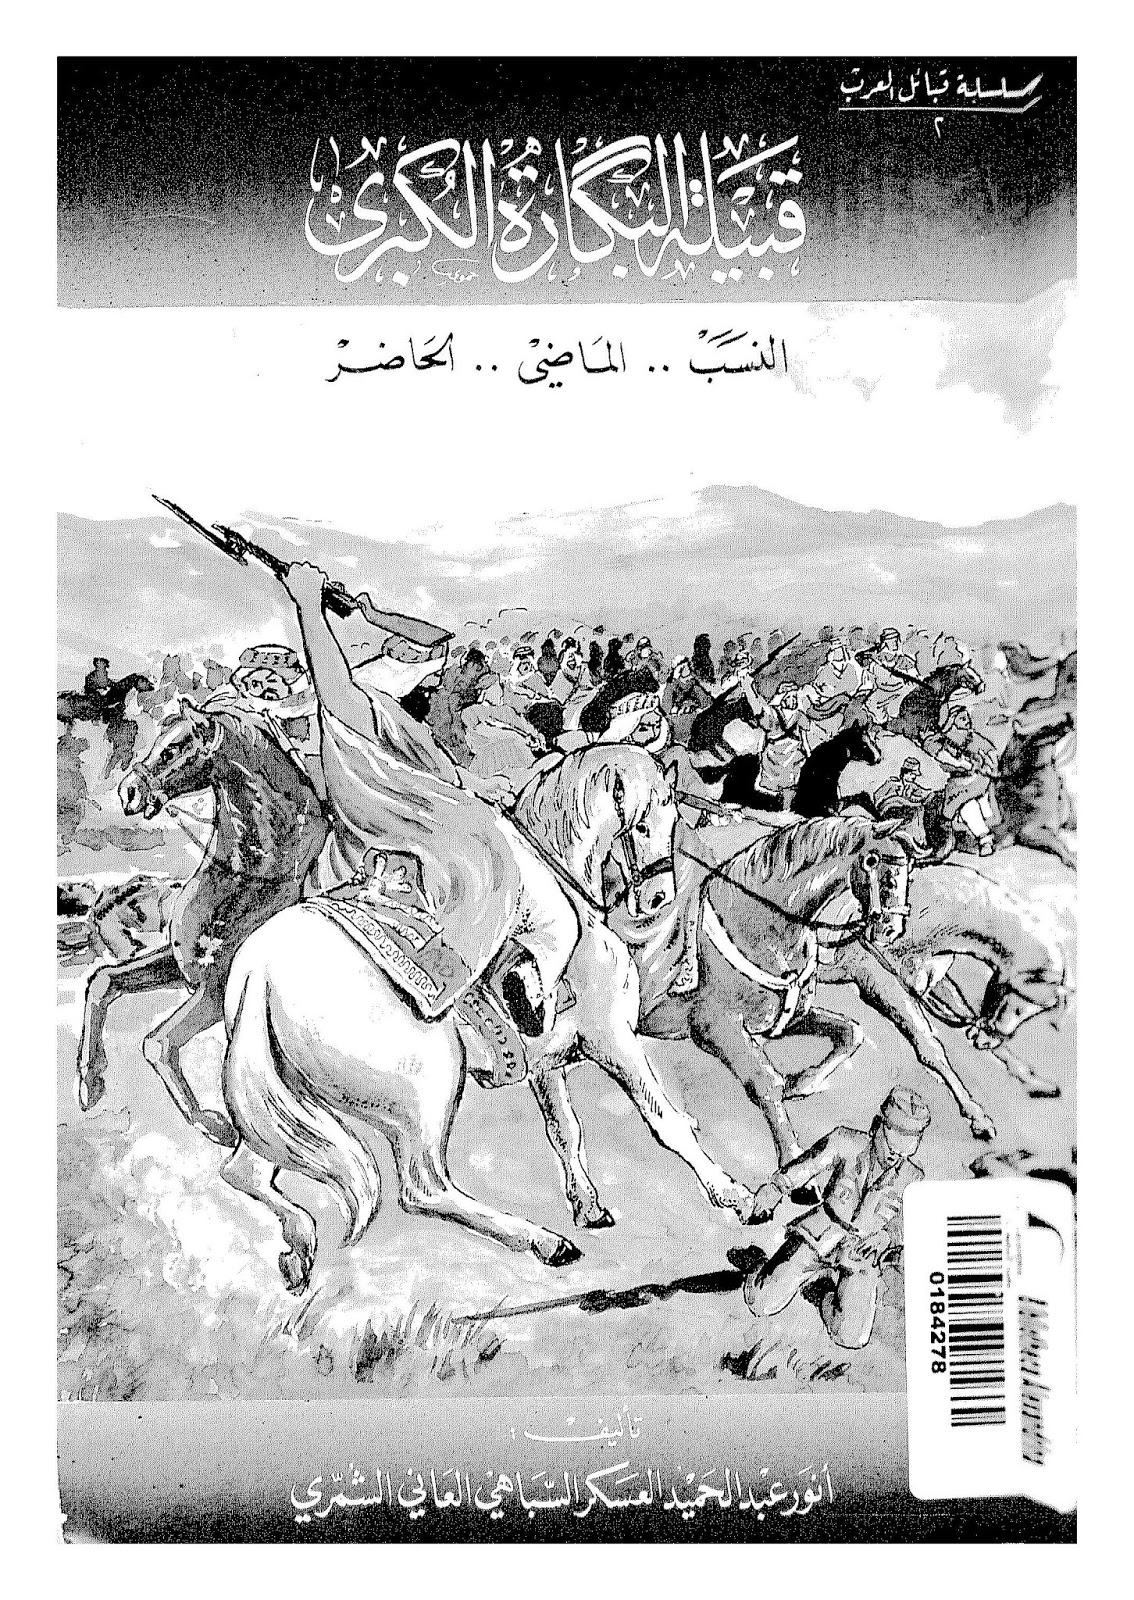 قبيلة البكارة الكبرى ( النسب، الماضي، الحاضر ) - أنور الشمري pdf